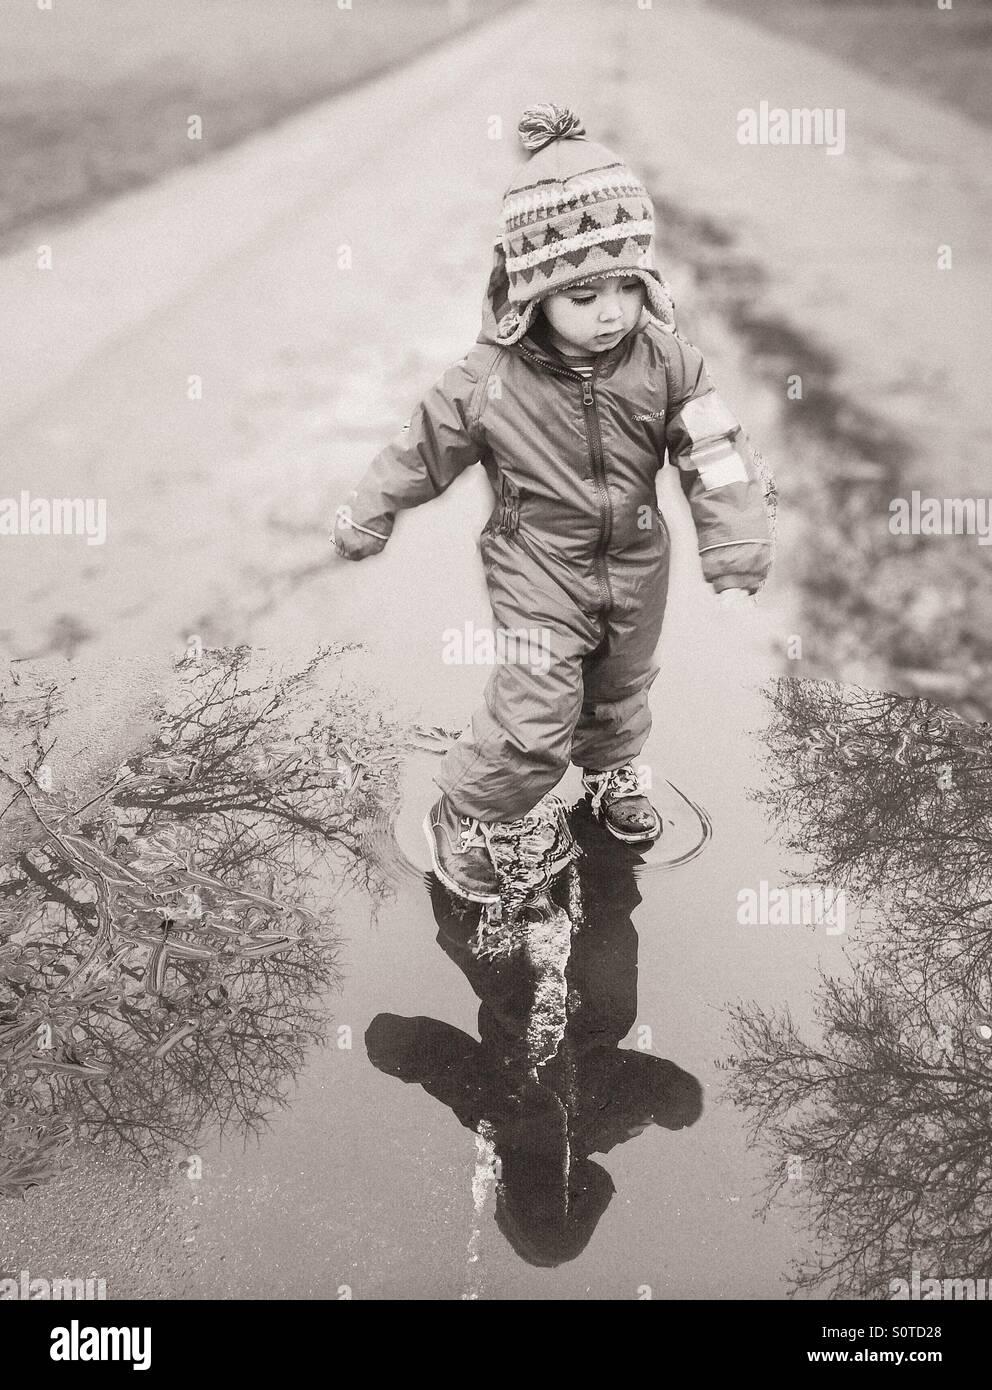 Kleiner Junge tanzen im Regen Stockbild